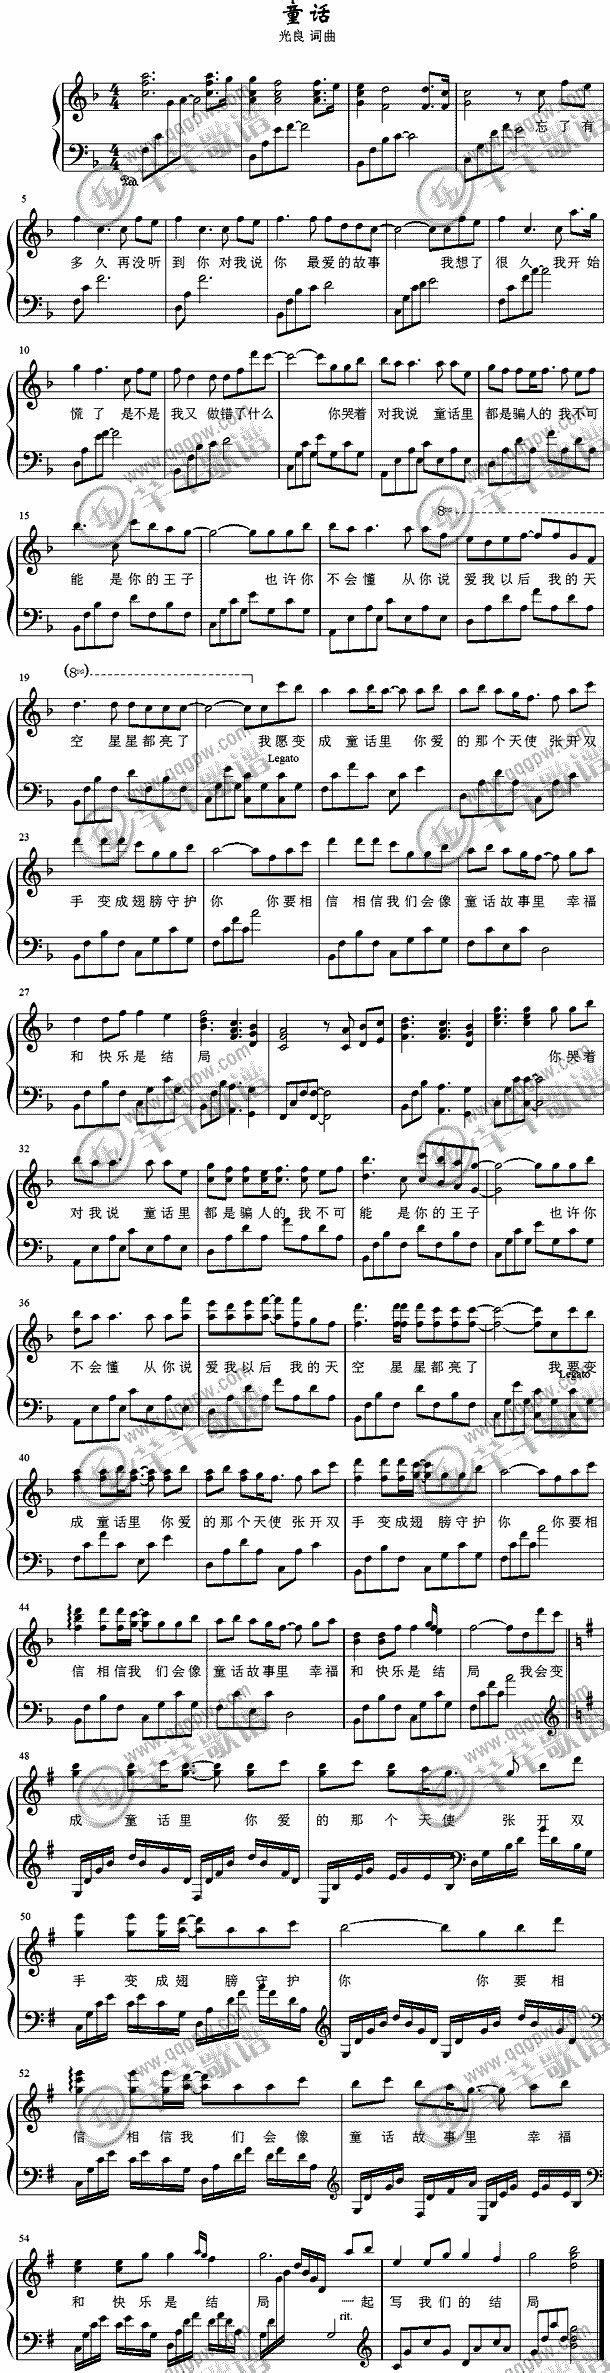 希望哪位大神能够提供 ,360首页那个钢琴版本的琴谱图片